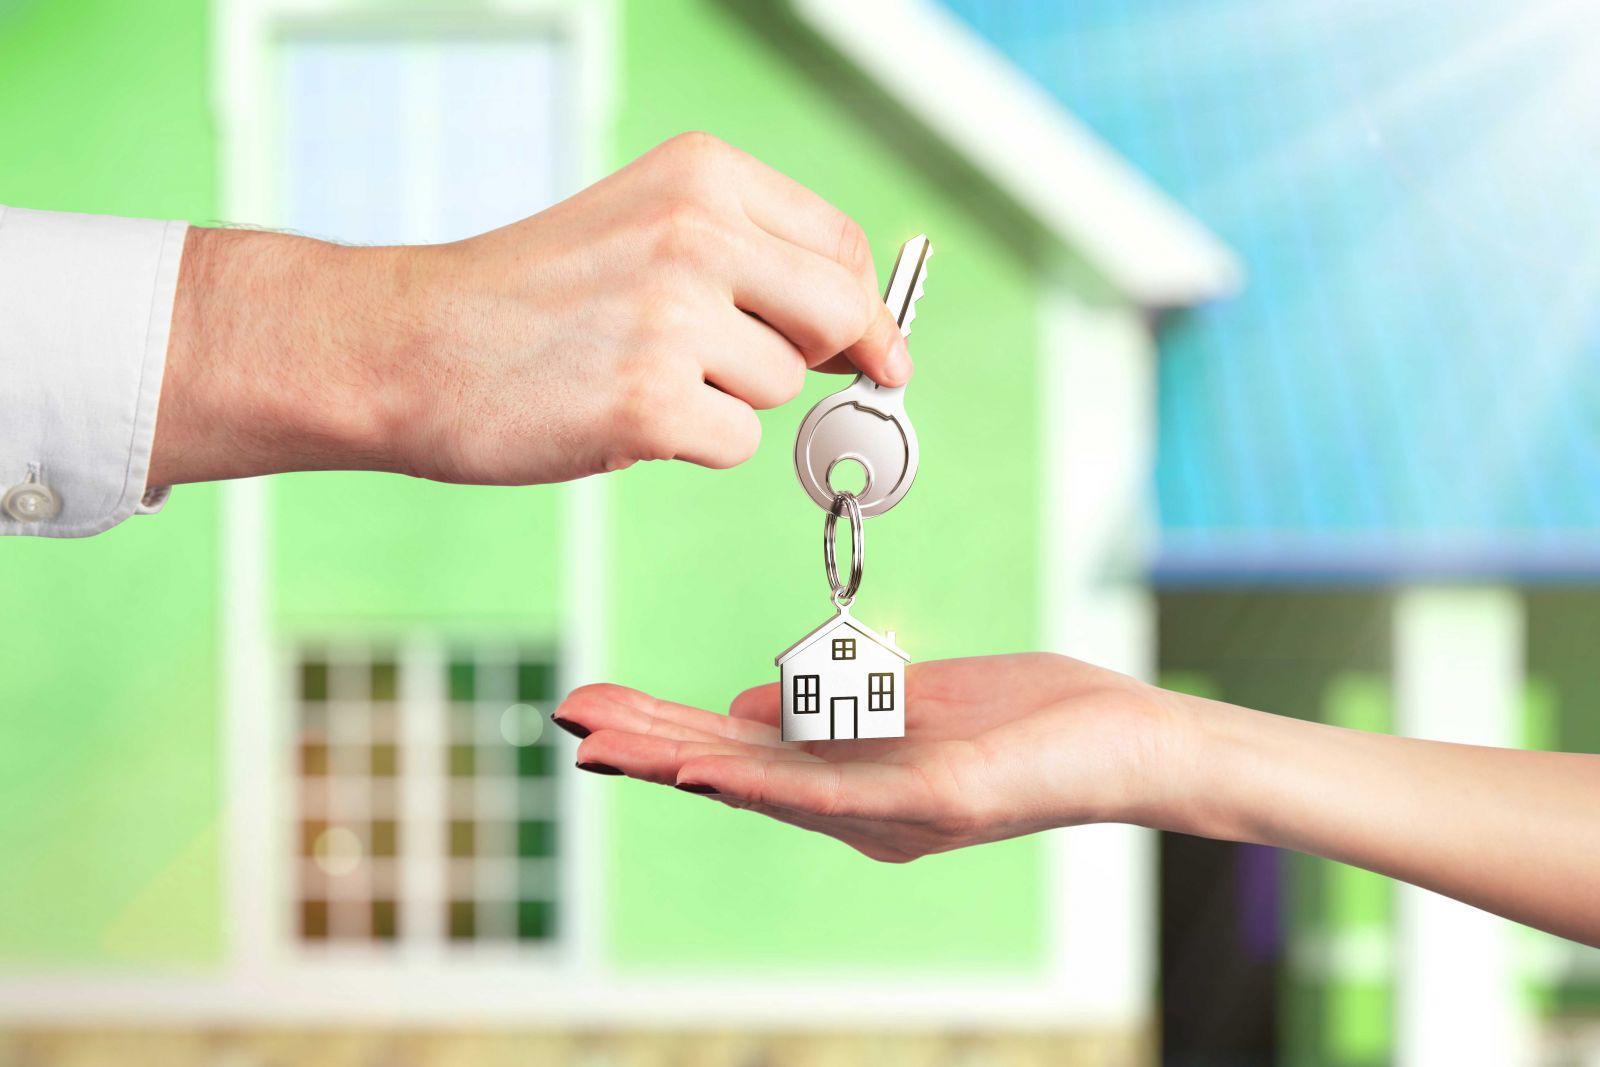 как взять ипотеку без первоначального взноса в москве